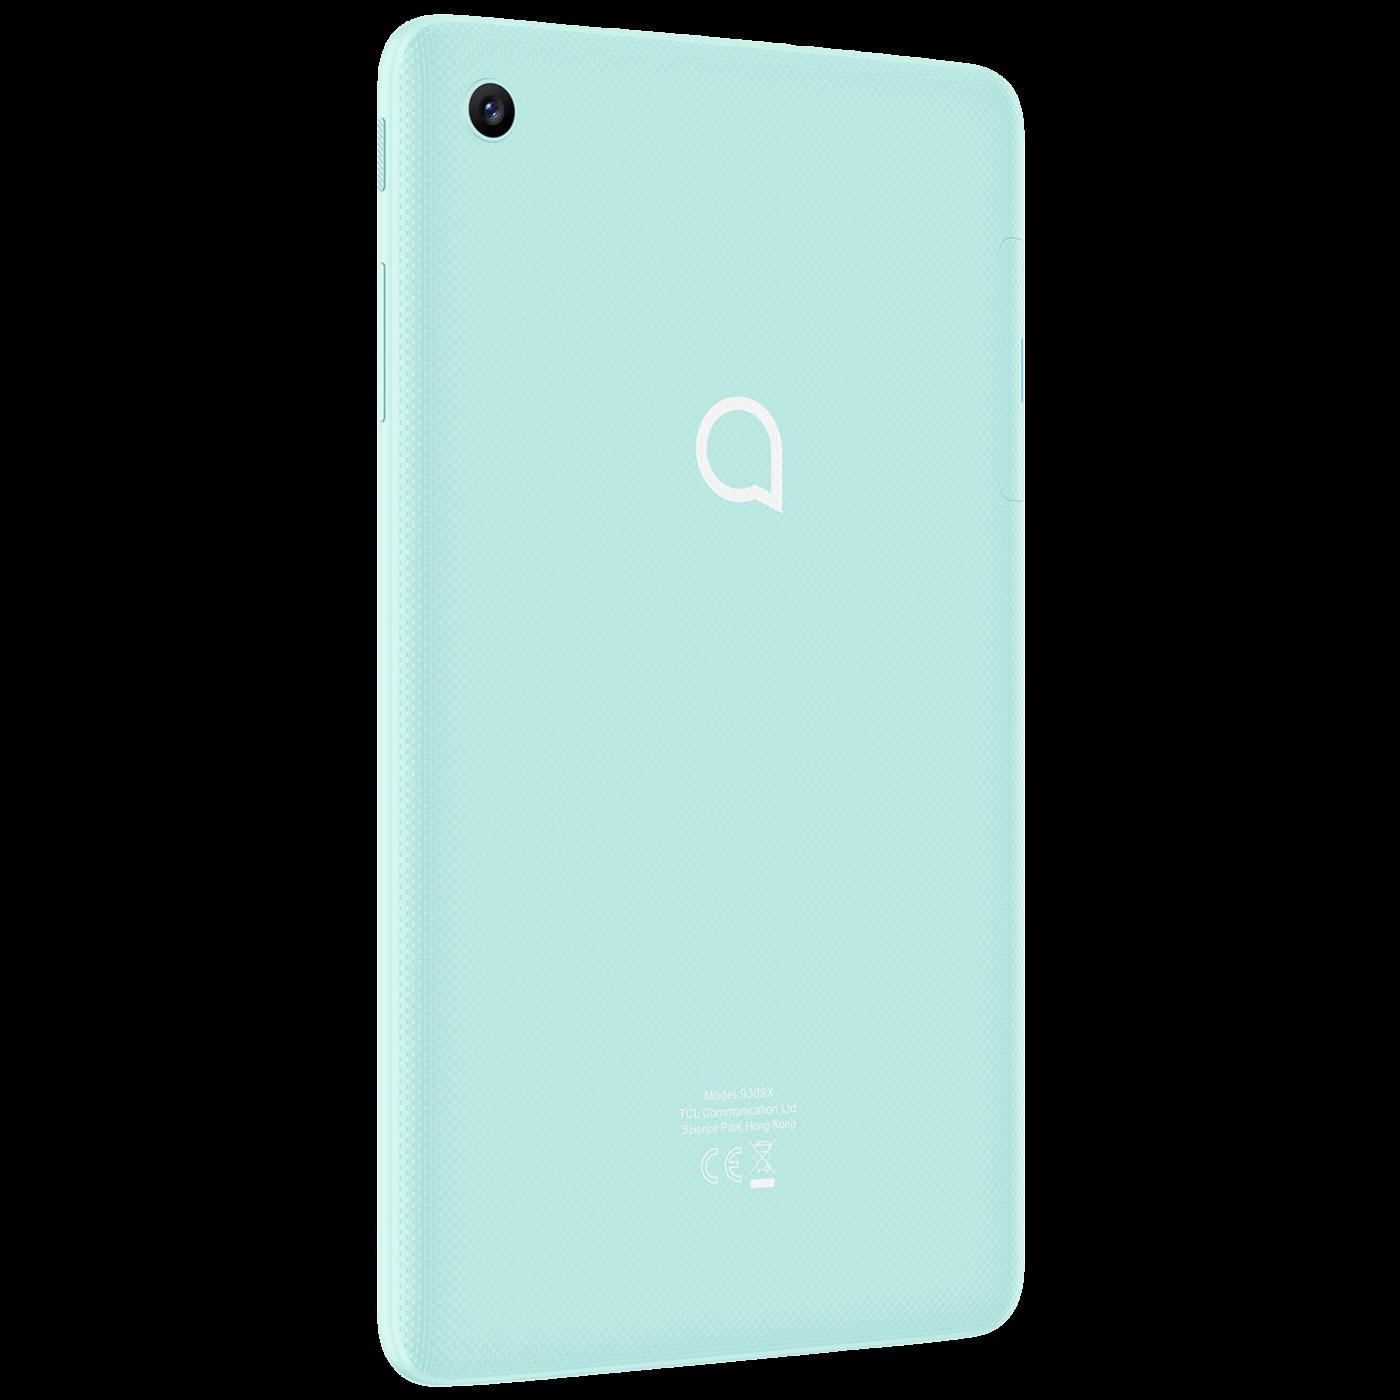 9309X 1T 7 1GB/16GB Mint Green